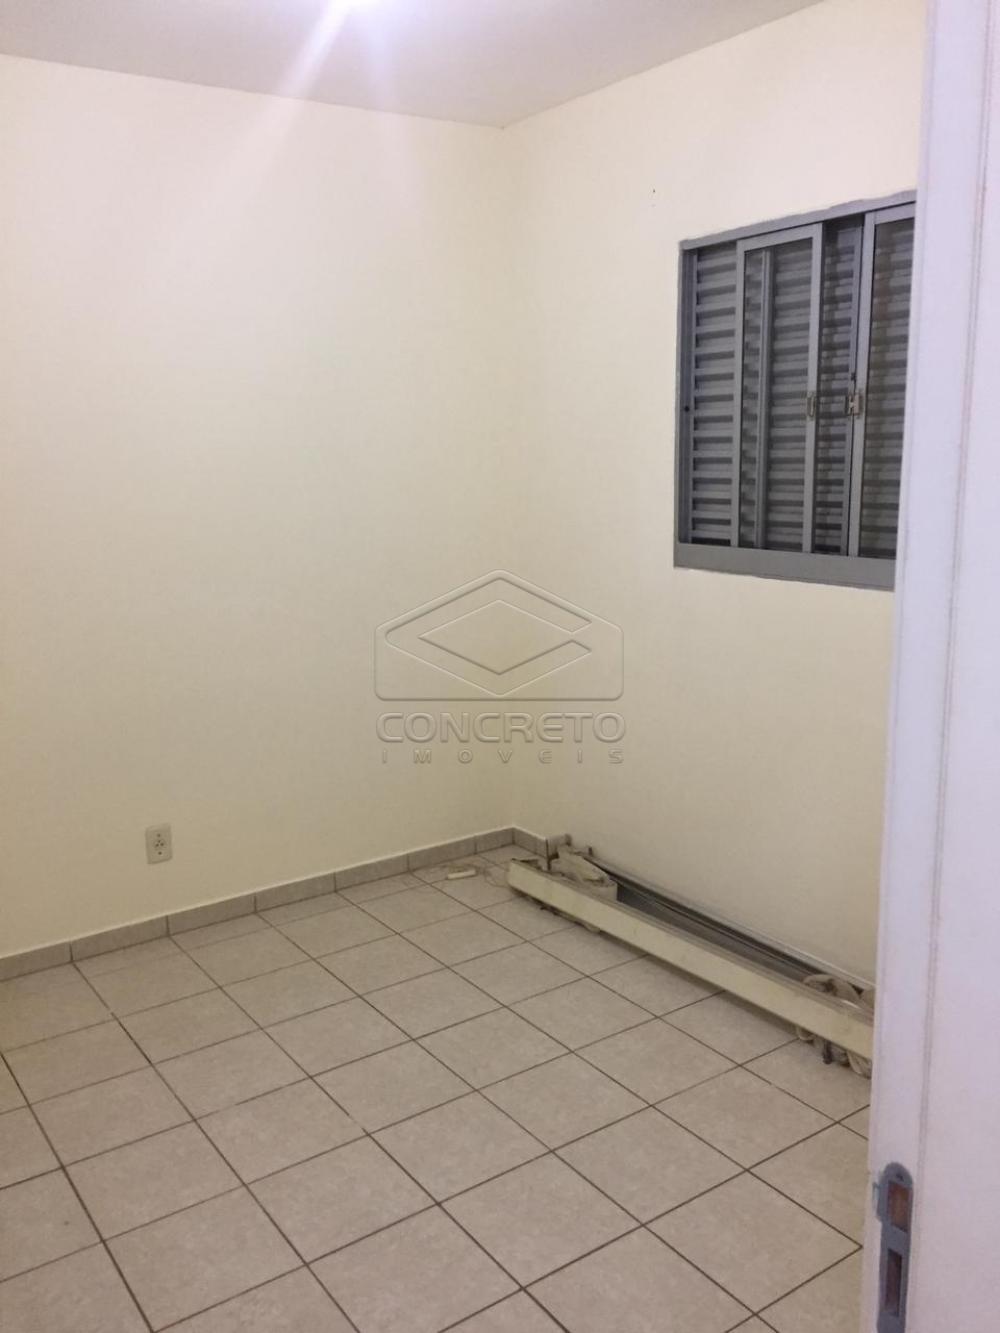 Comprar Apartamento / Padrão em Bauru apenas R$ 165.000,00 - Foto 9